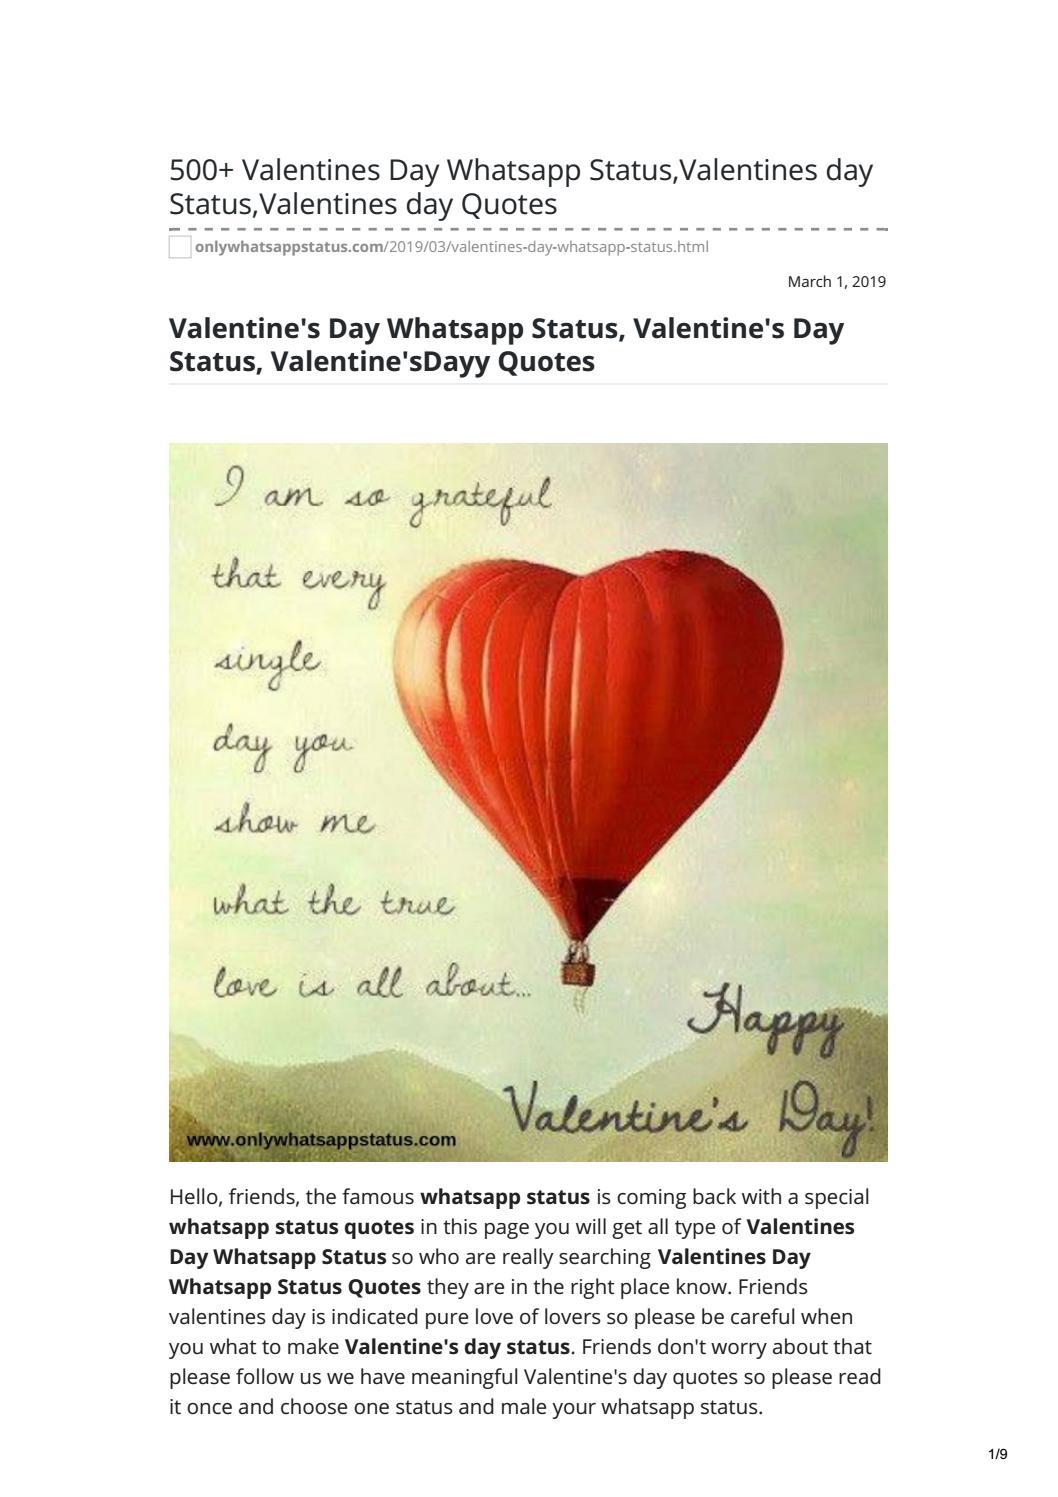 Valentines Day Whatsapp Status By Whatsappstatus Issuu